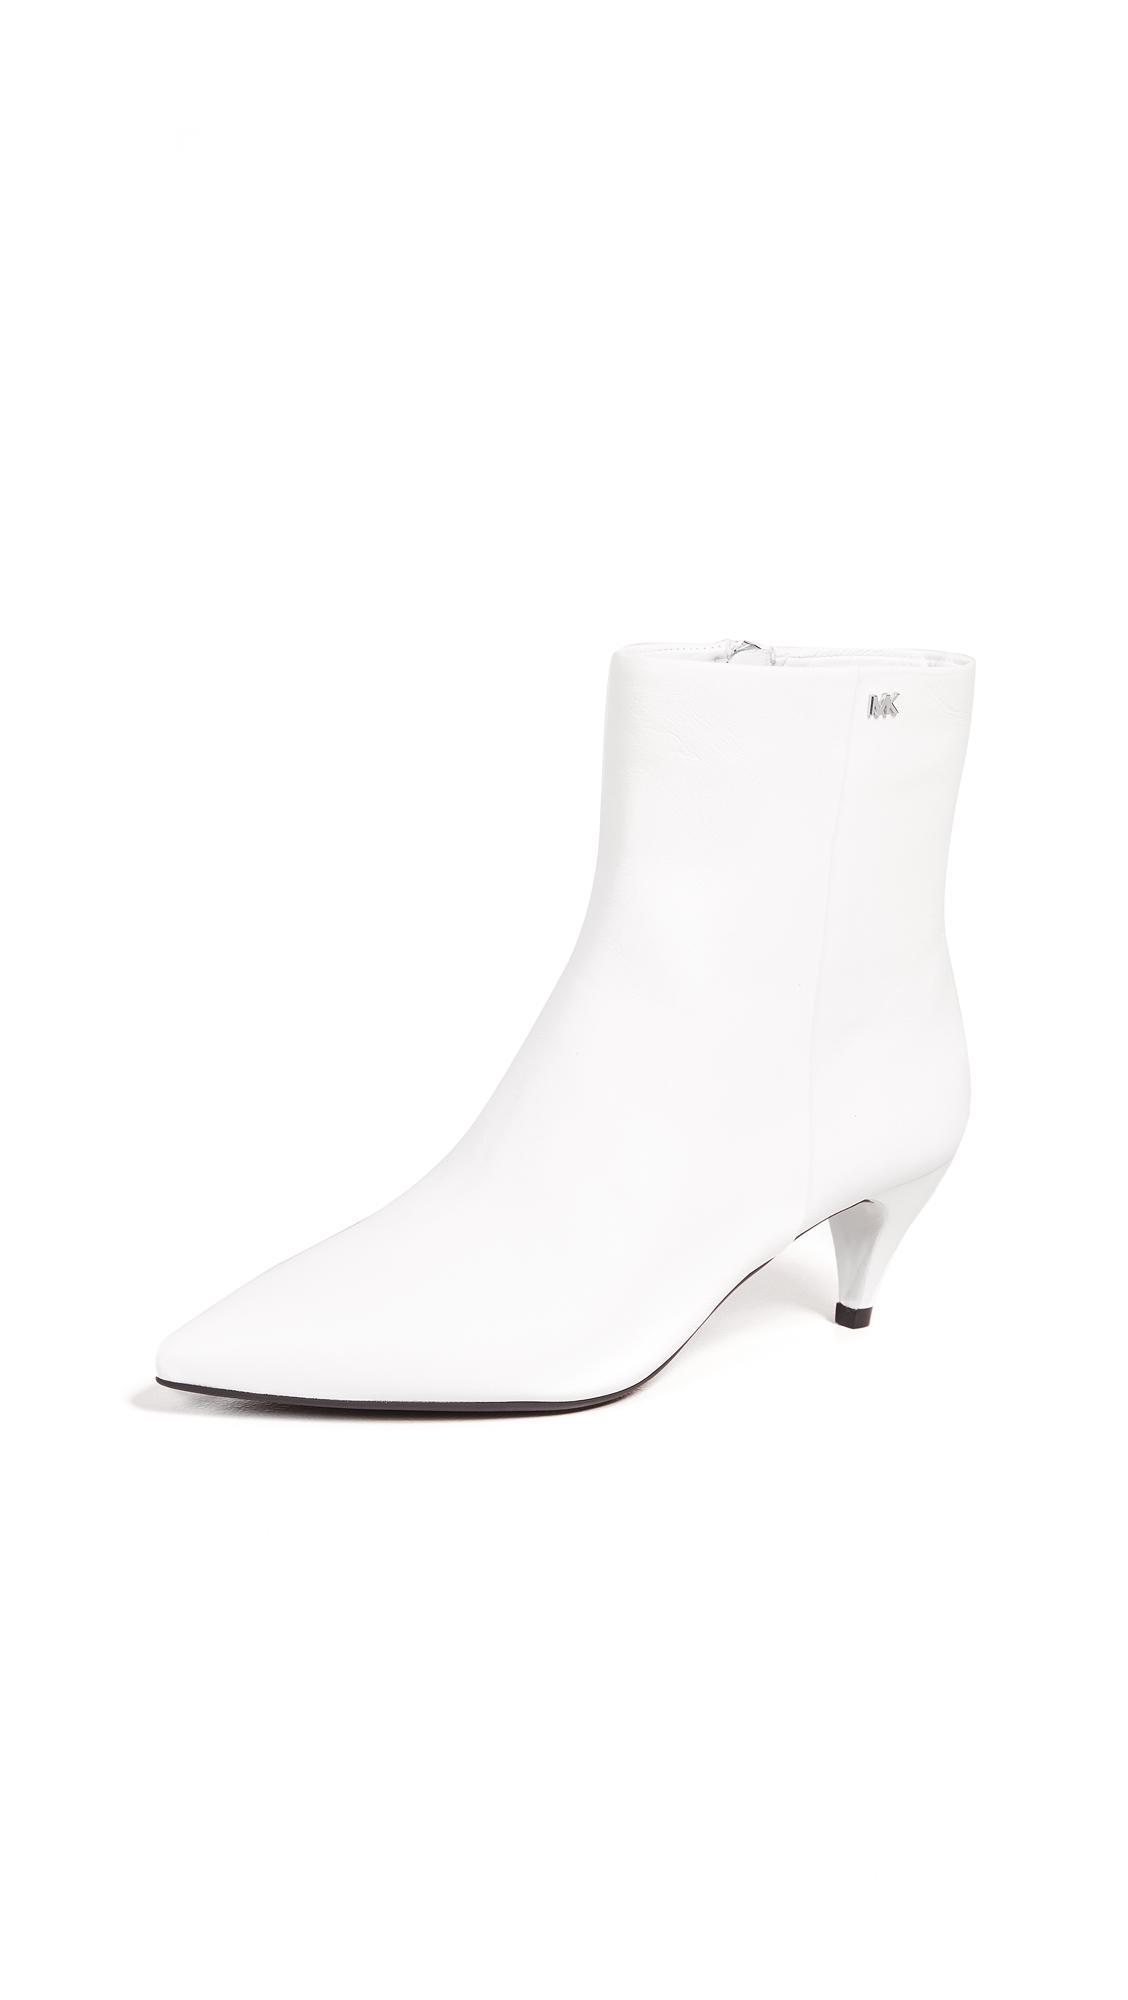 c203a8c23d1 Blaine Flex Kitten Heel Booties in Optic White